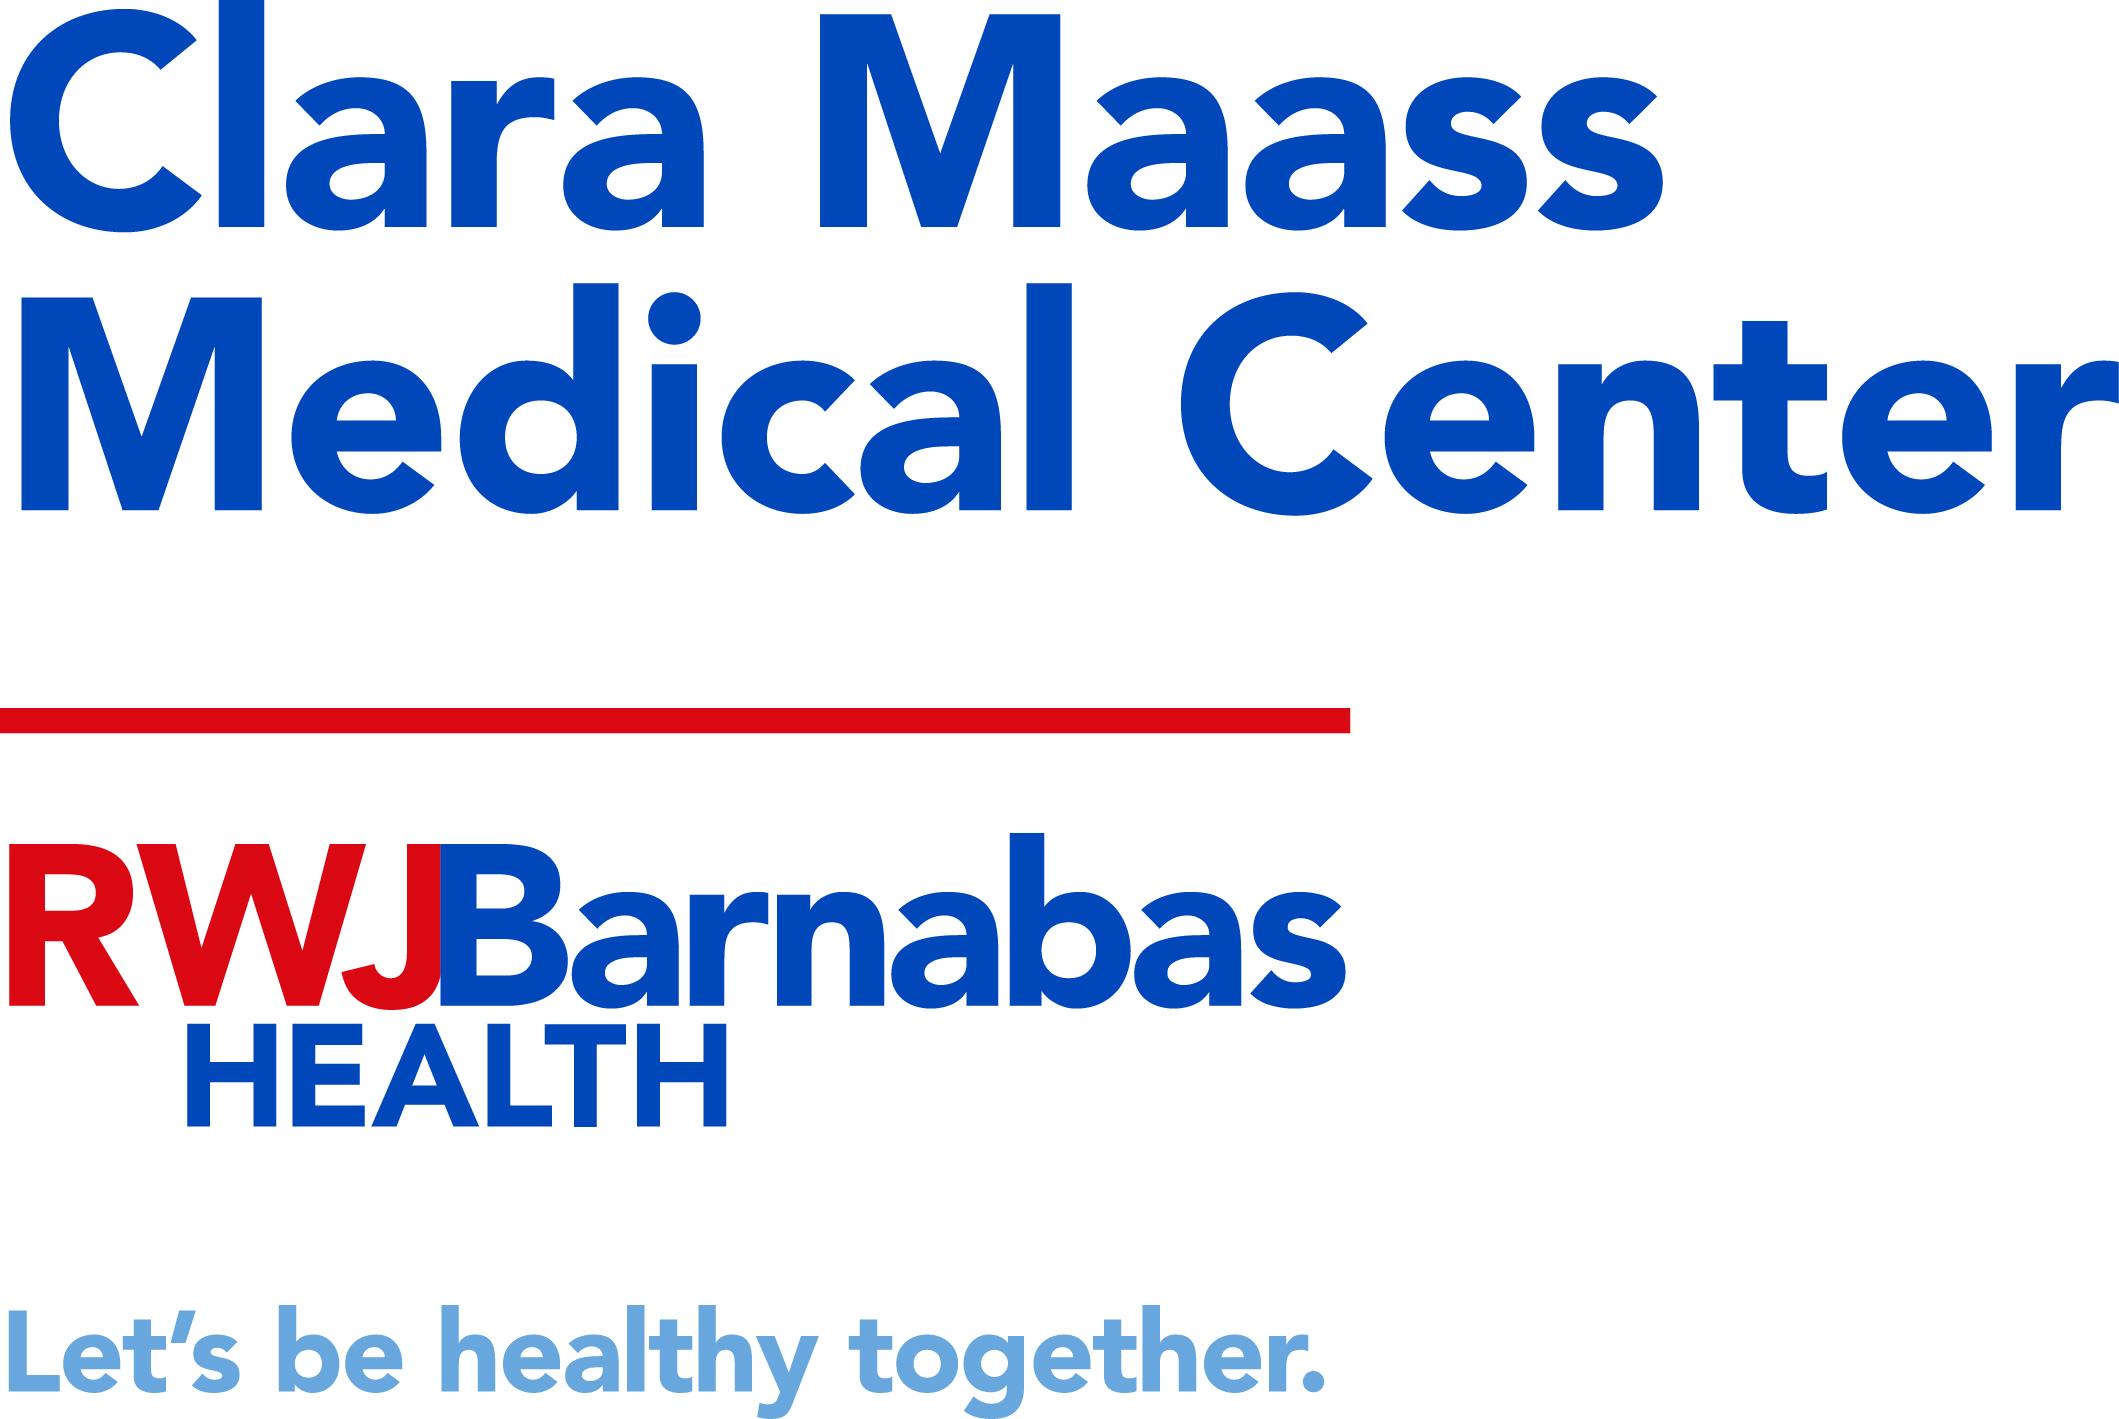 Clara Maas Medical Center